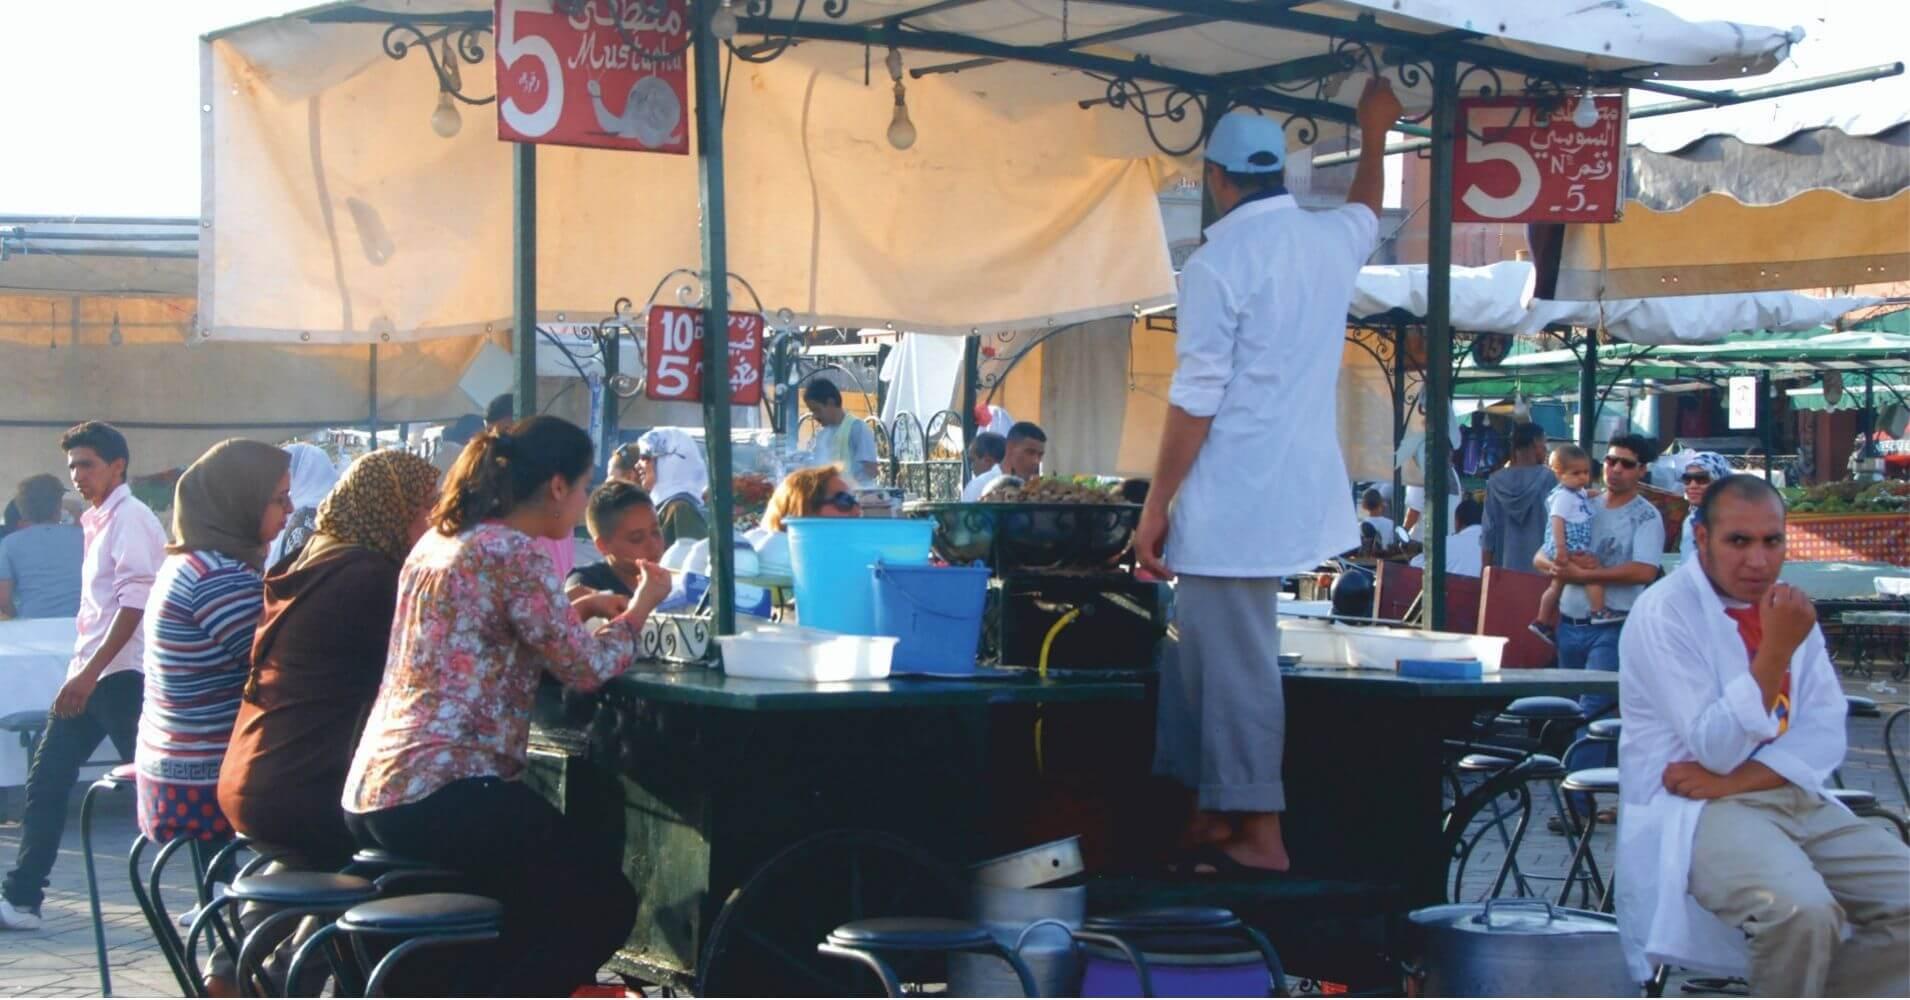 Puesto de Comida en la Plaza de Jamaa el Fna. Marrakech, Marruecos.